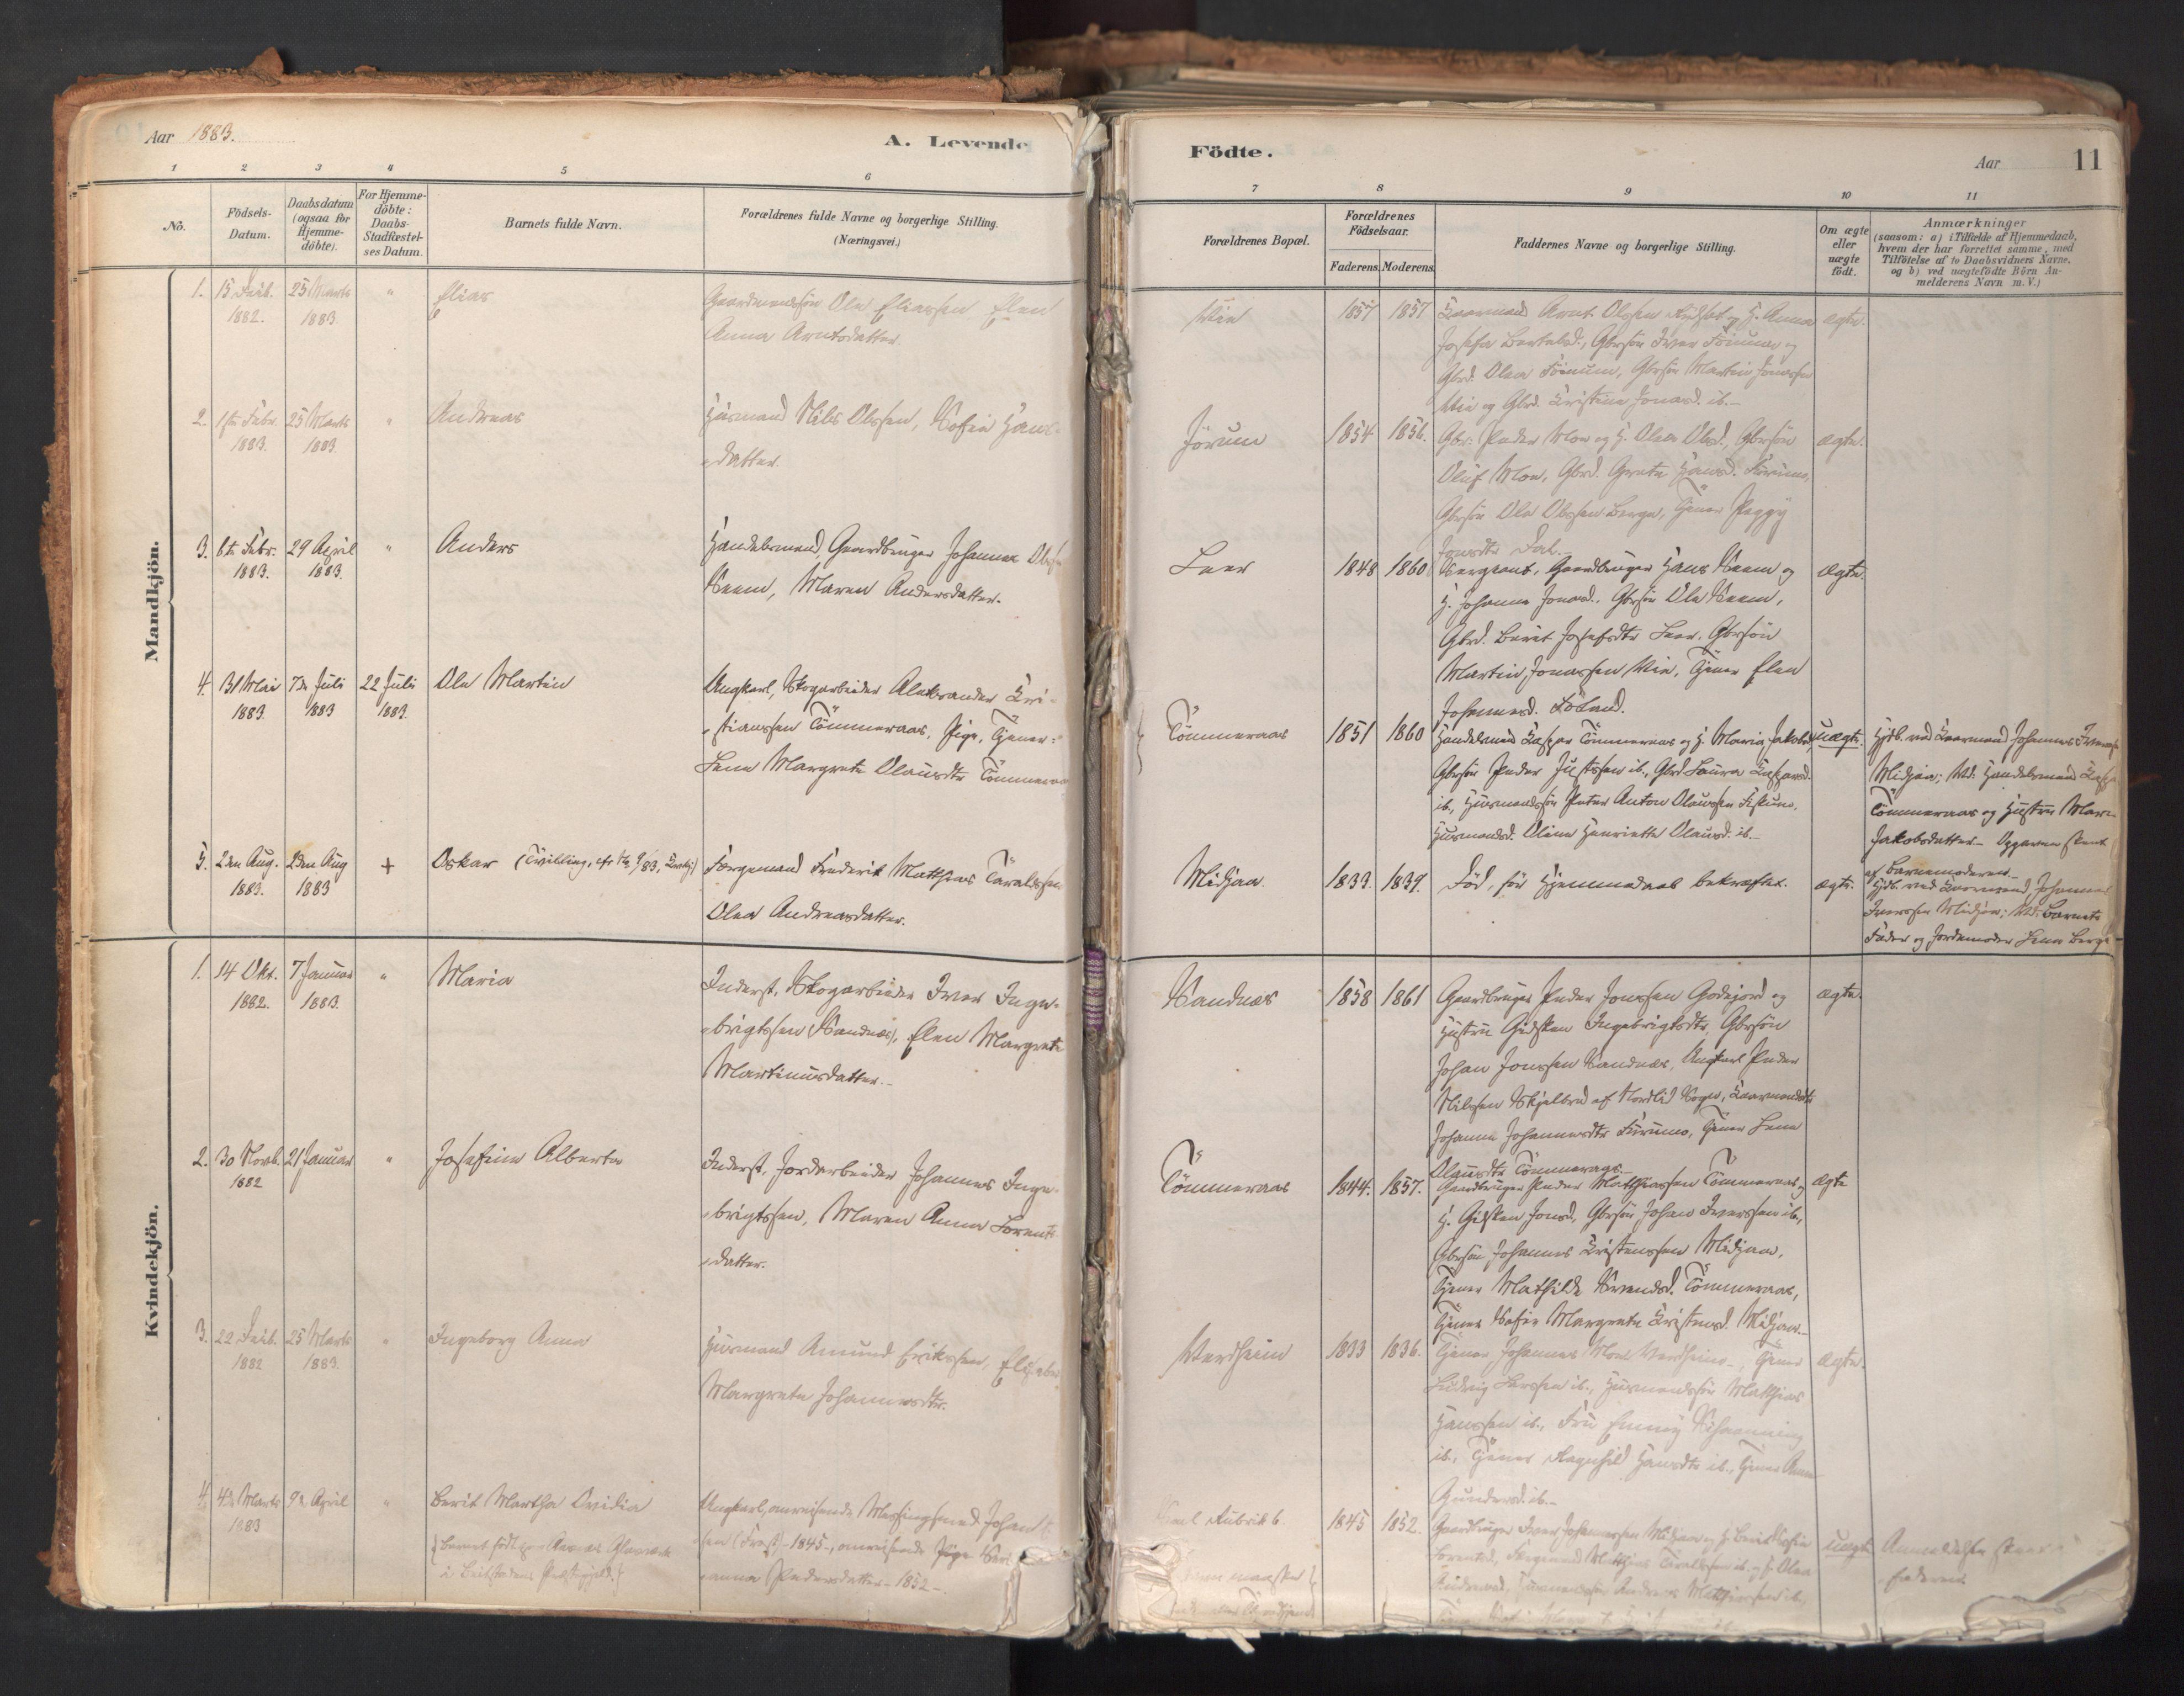 SAT, Ministerialprotokoller, klokkerbøker og fødselsregistre - Nord-Trøndelag, 758/L0519: Ministerialbok nr. 758A04, 1880-1926, s. 11